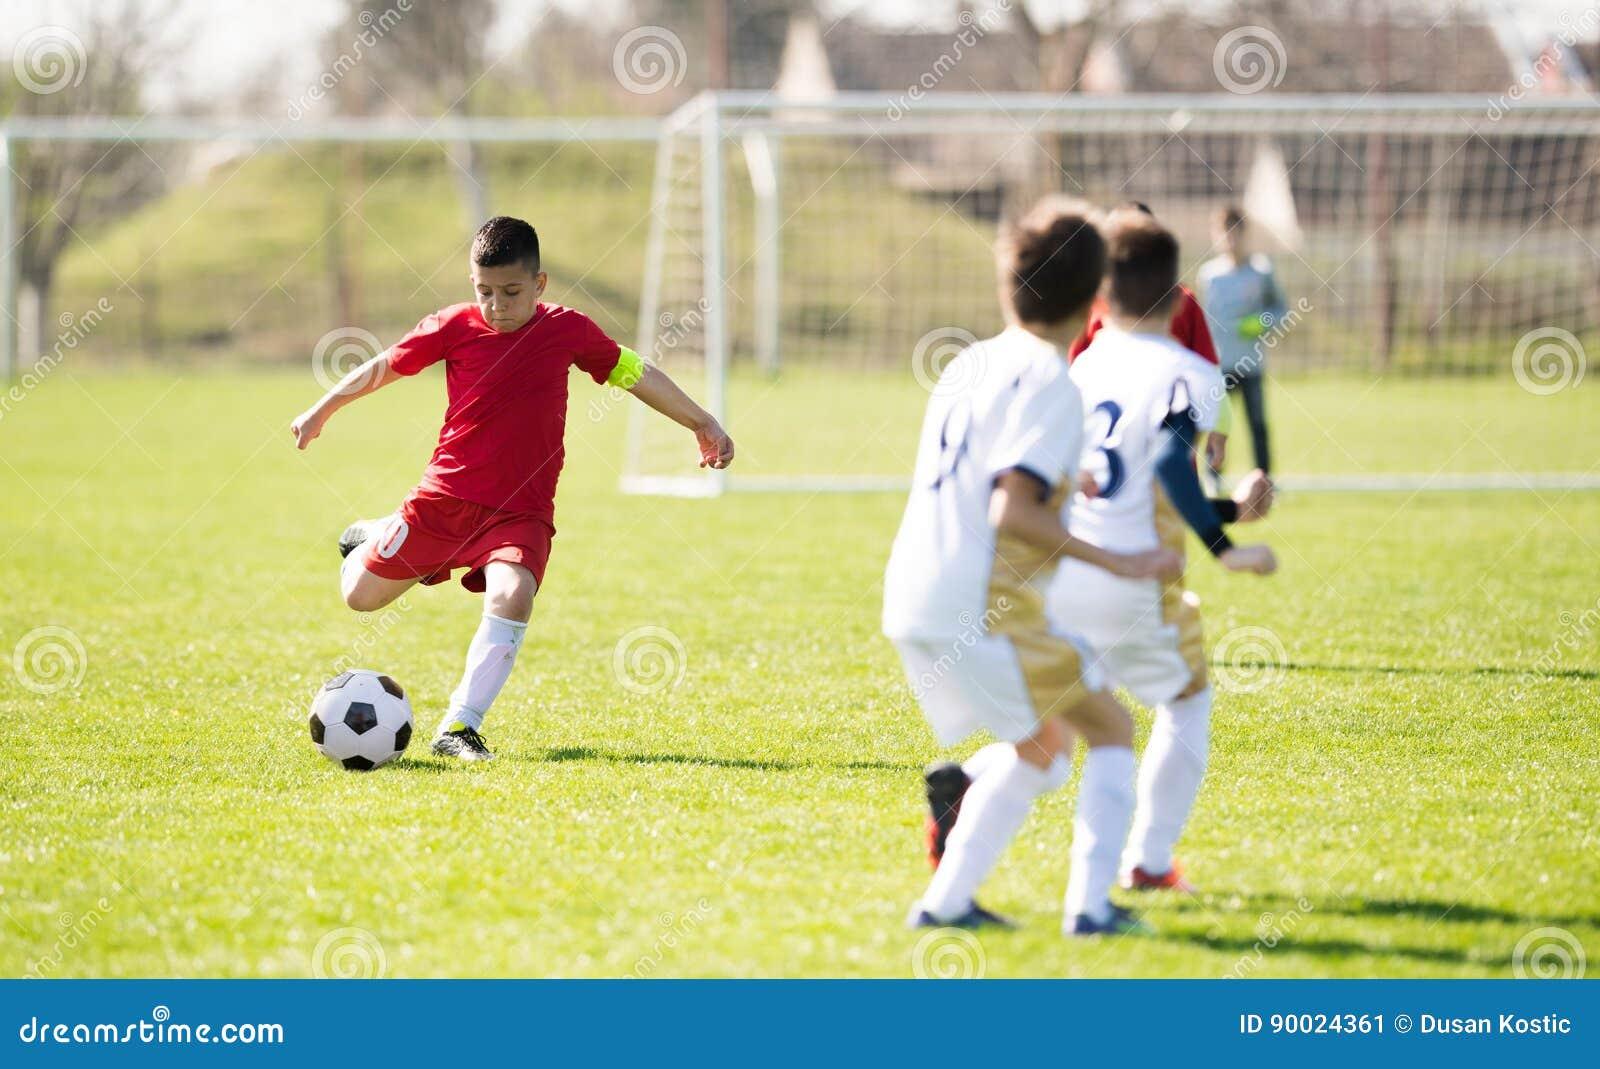 Футбол с одним игроком для детей